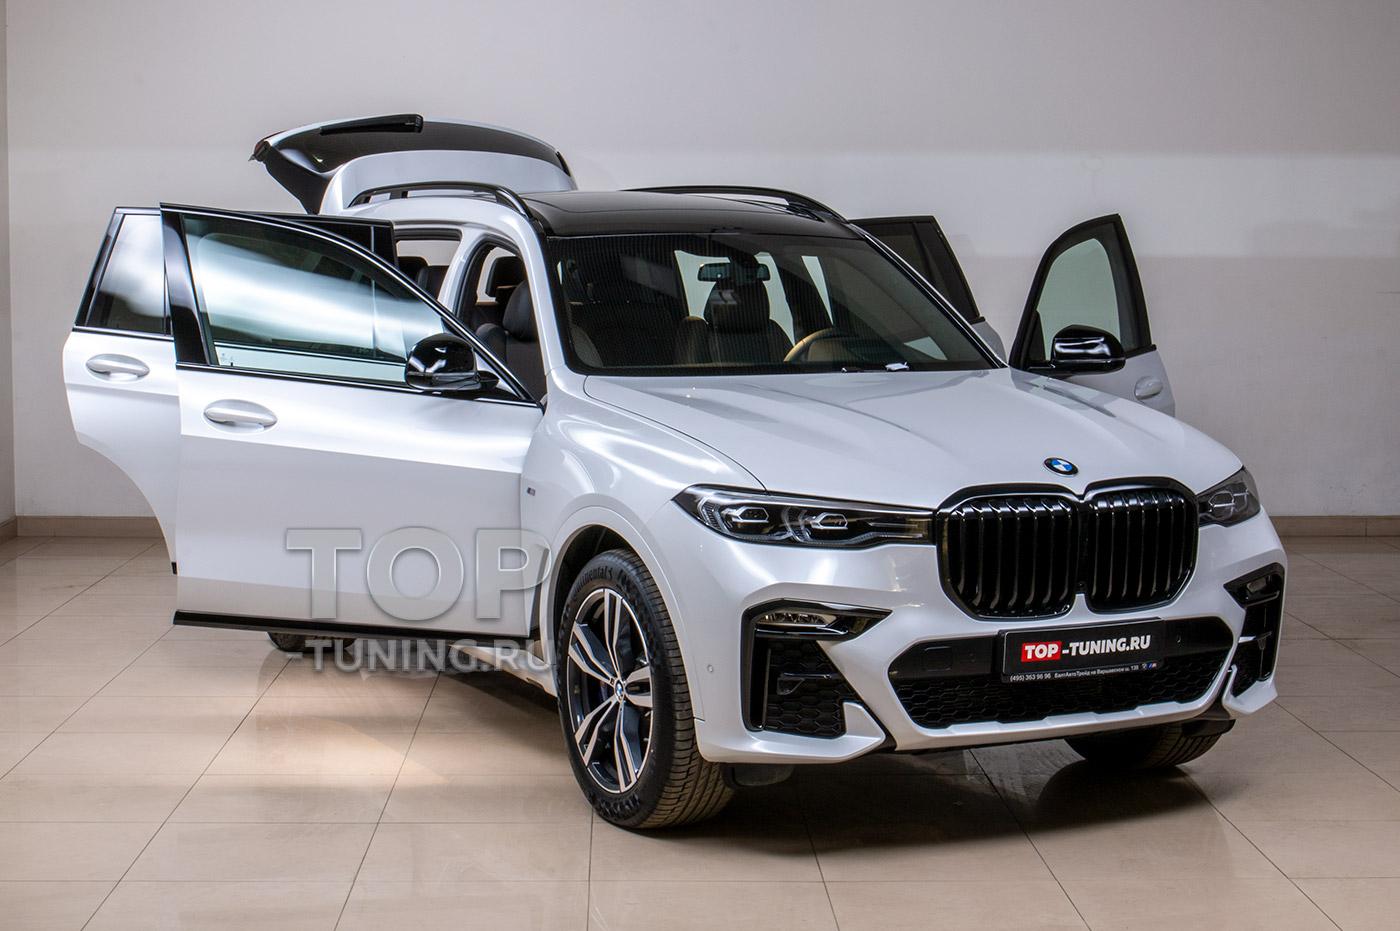 103203 Комплексный детейлинг + аксессуары для BMW X7